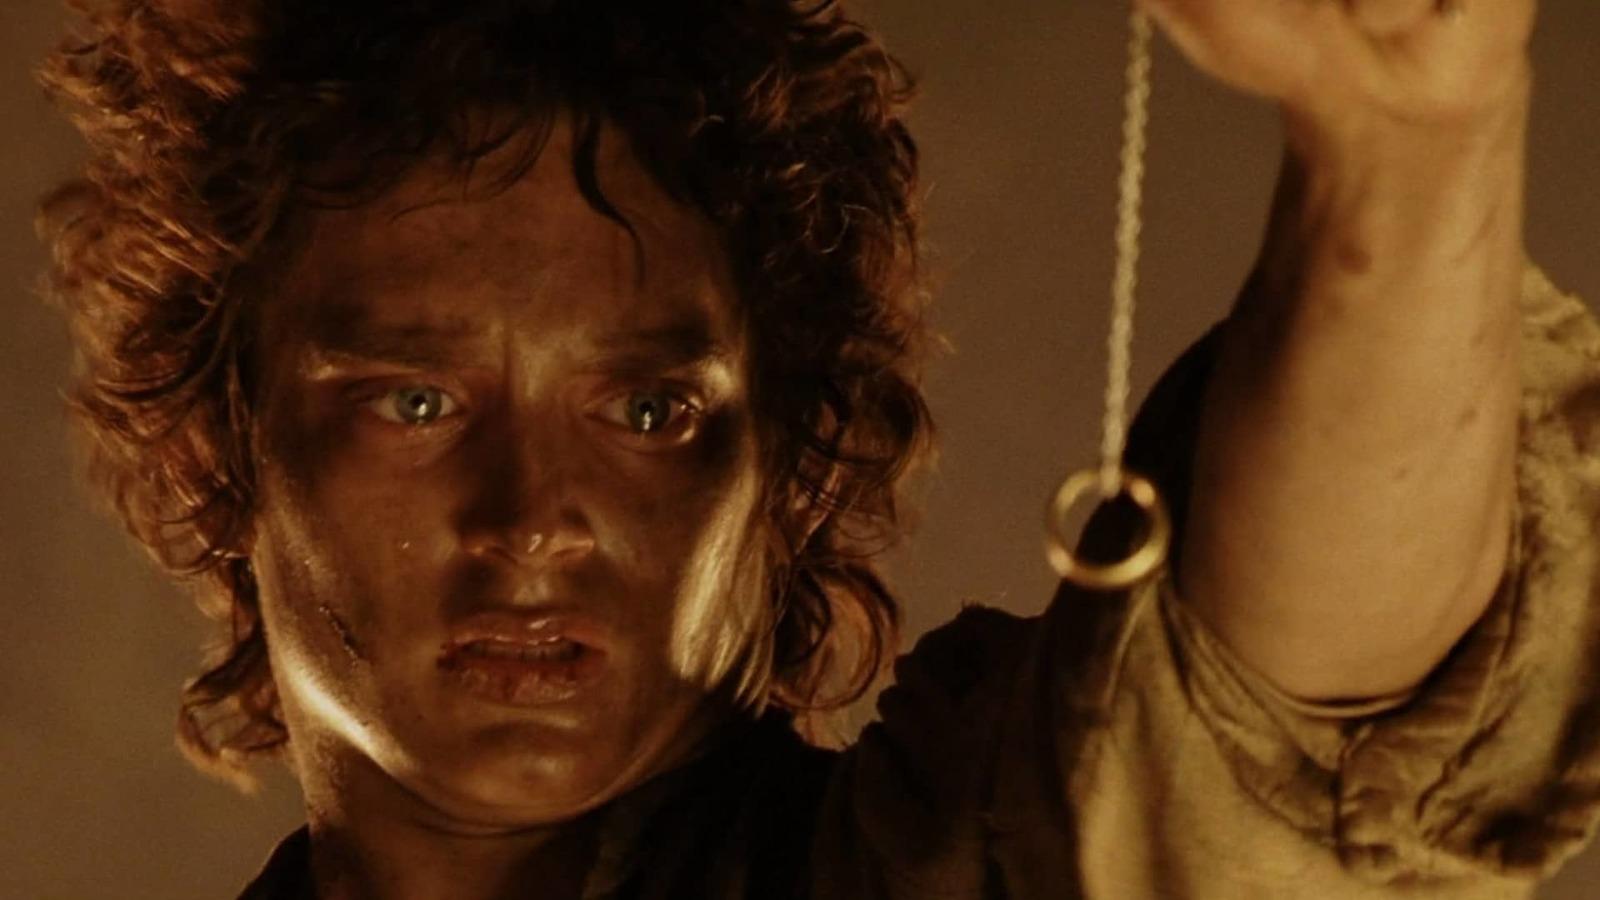 Il Signore degli Anelli: come ha segnato la storia del cinema 6